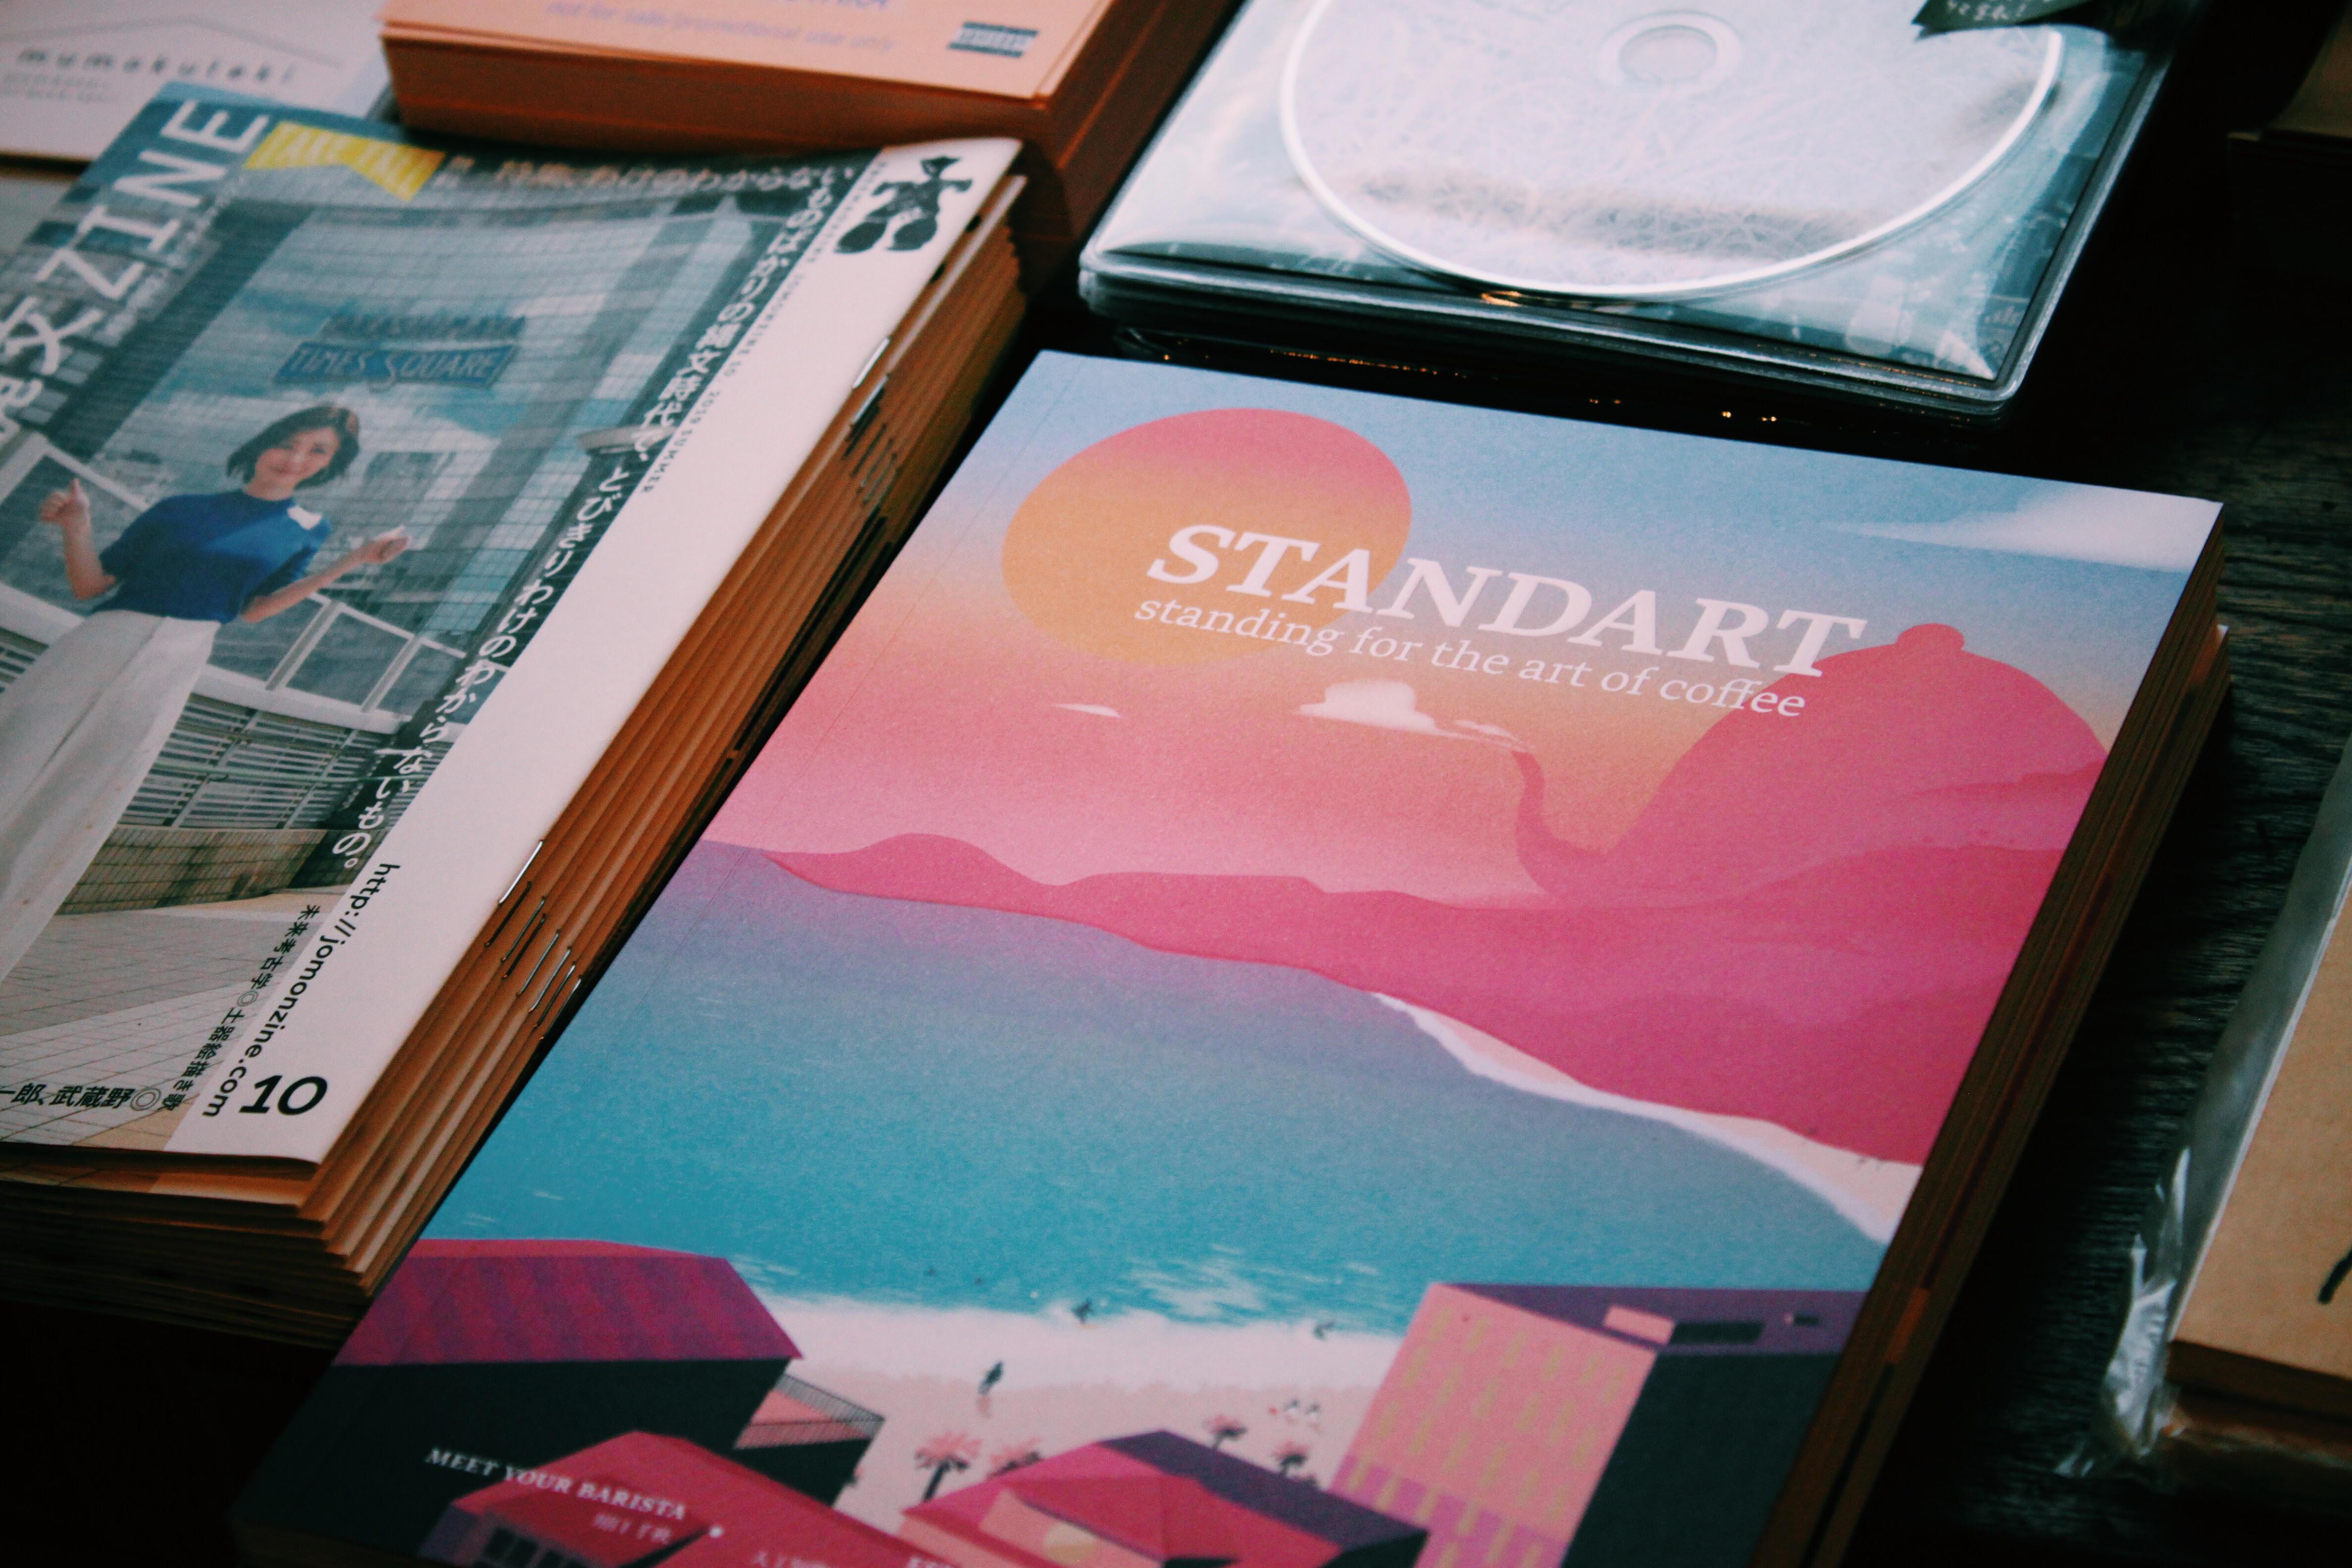 コーヒーカルチャー誌『Standart Japan - Issue 9』にエッセイを寄稿しました。